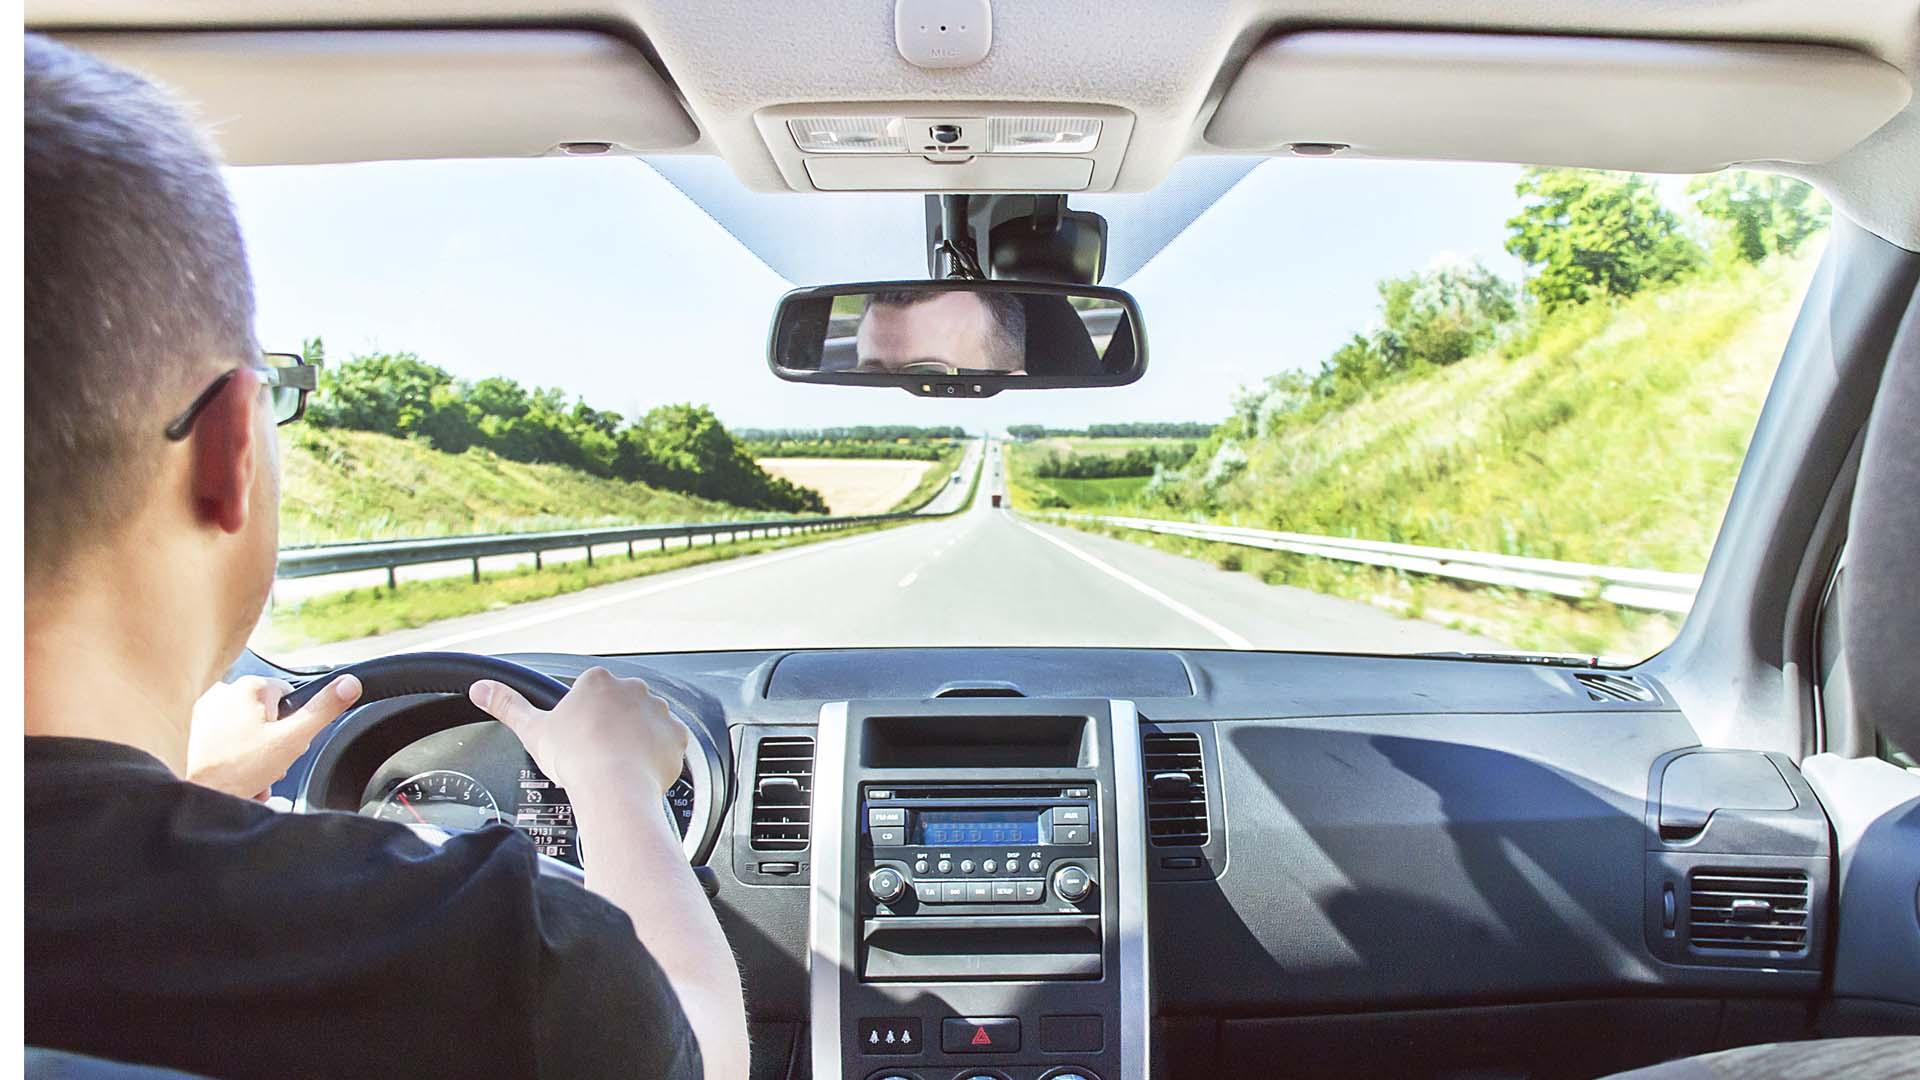 A través del GPS localiza a los vehículos e informa a los conductores de potenciales peligros